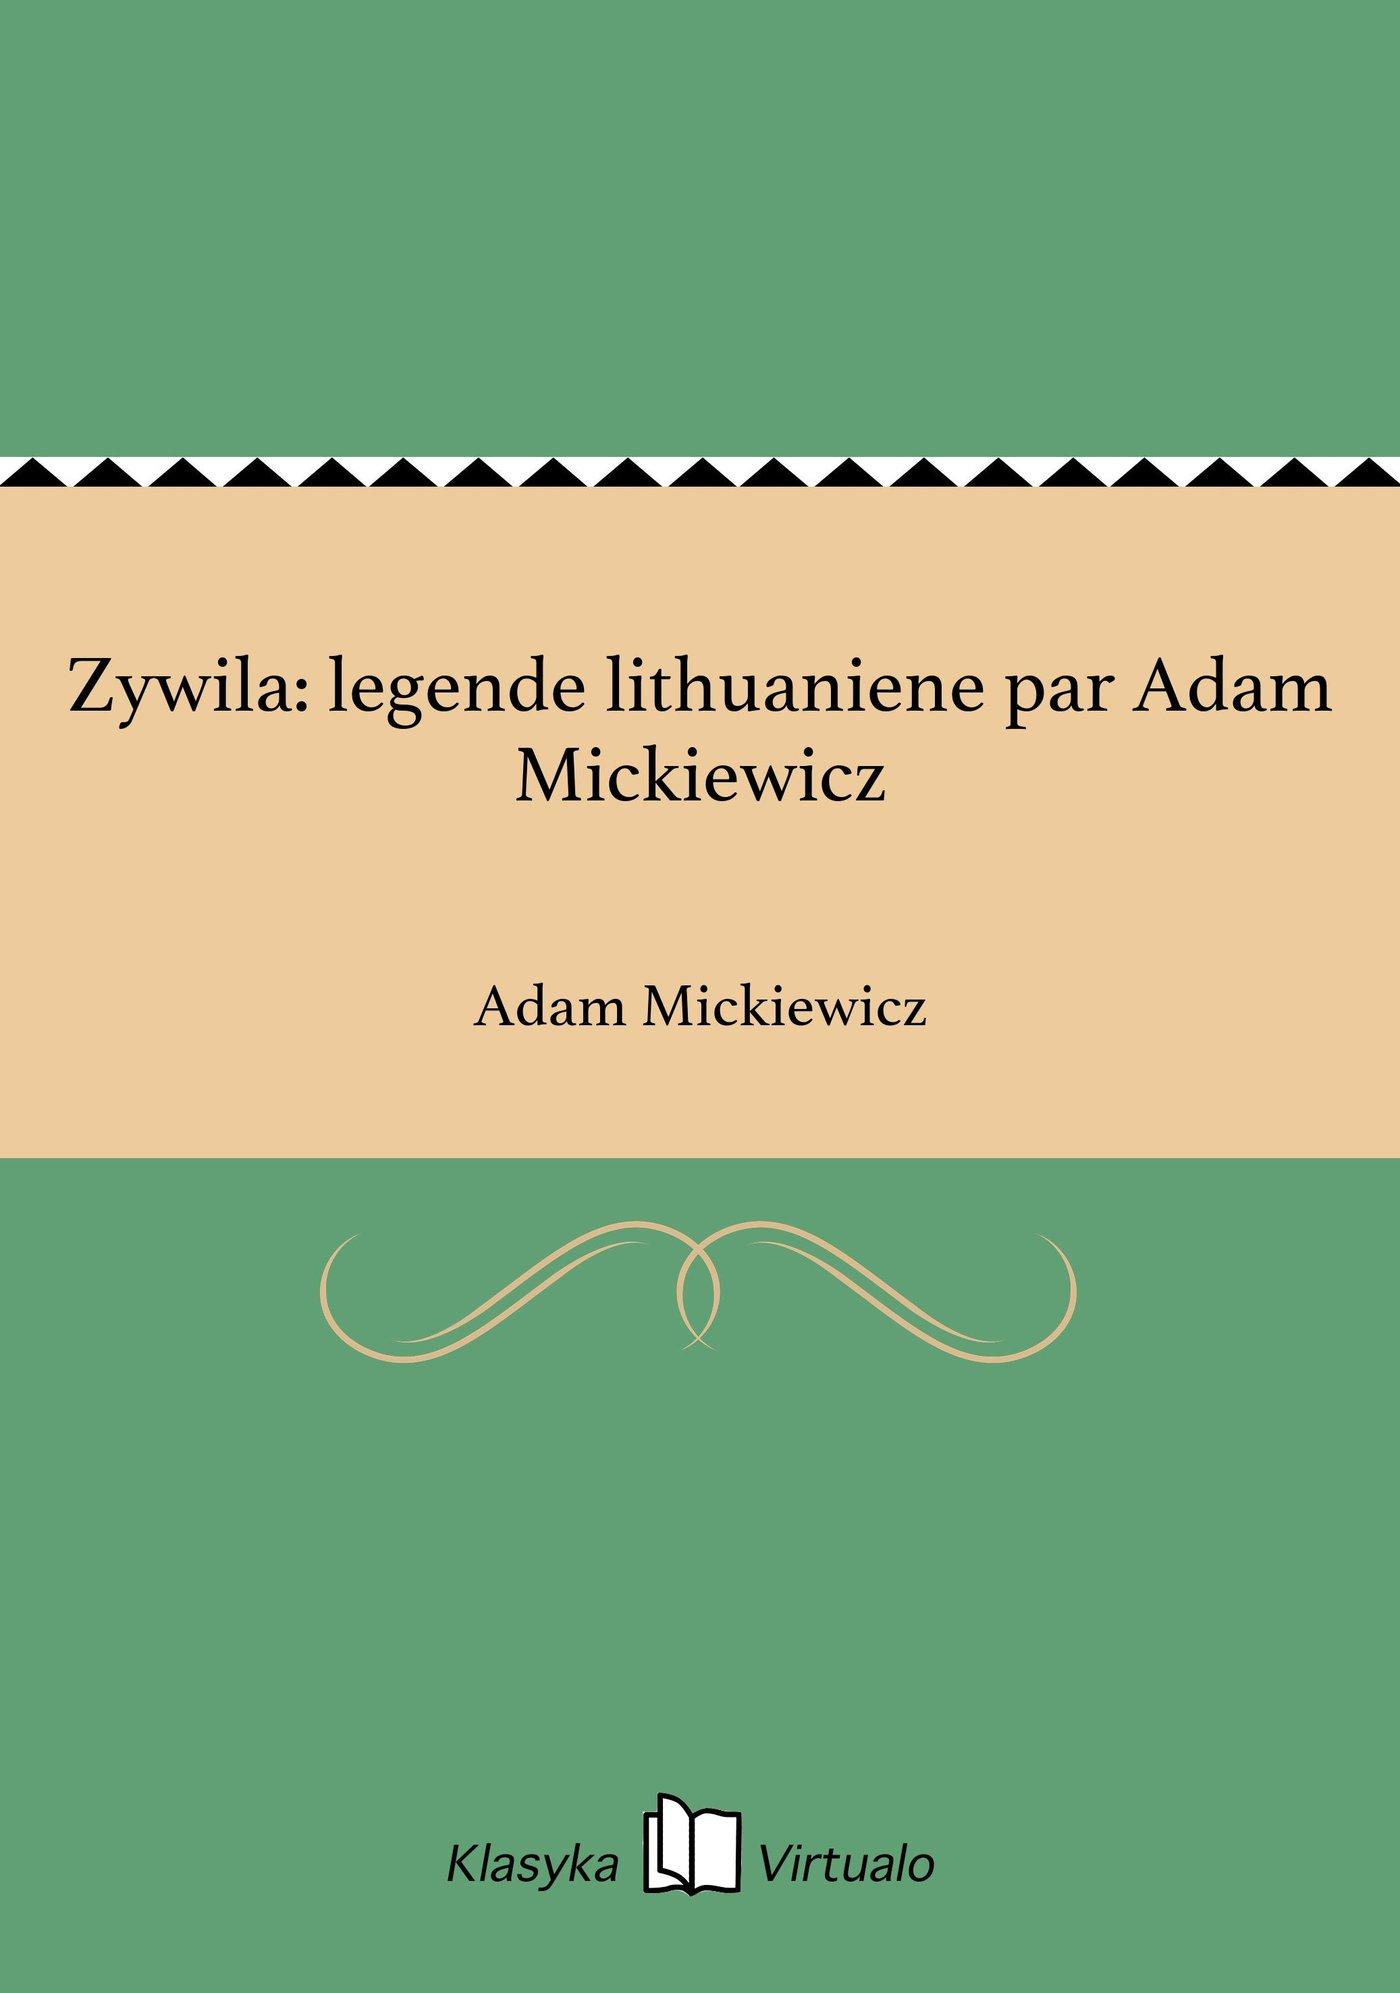 Zywila: legende lithuaniene par Adam Mickiewicz - Ebook (Książka na Kindle) do pobrania w formacie MOBI